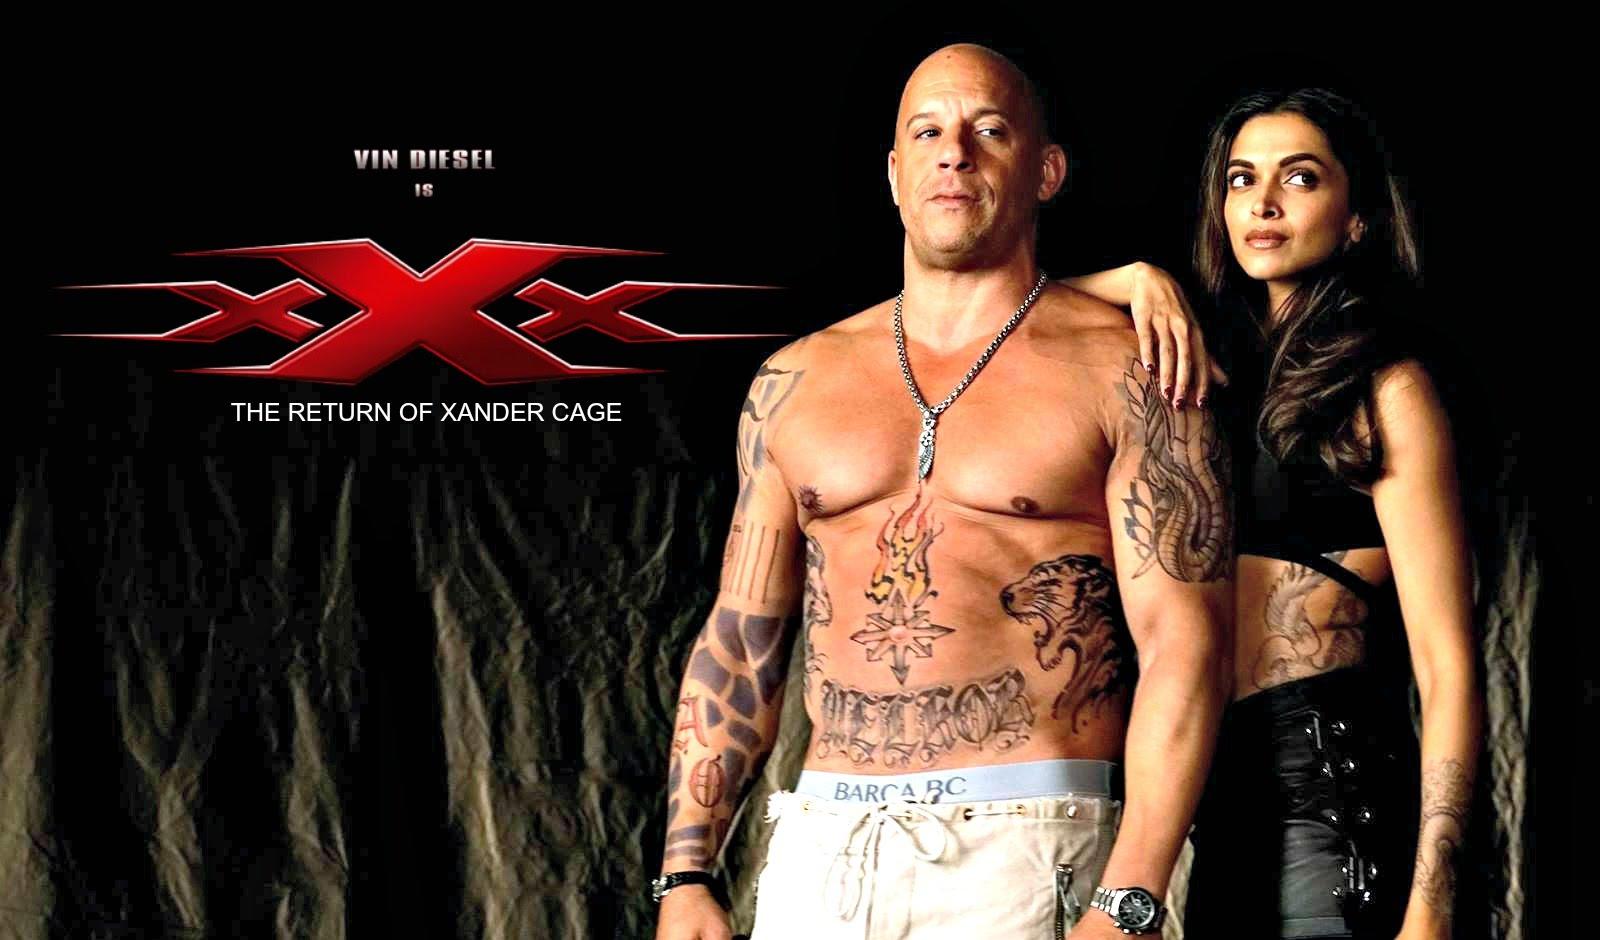 xxx-il-ritorno-di-xander-cage-primo-trailer-italiano